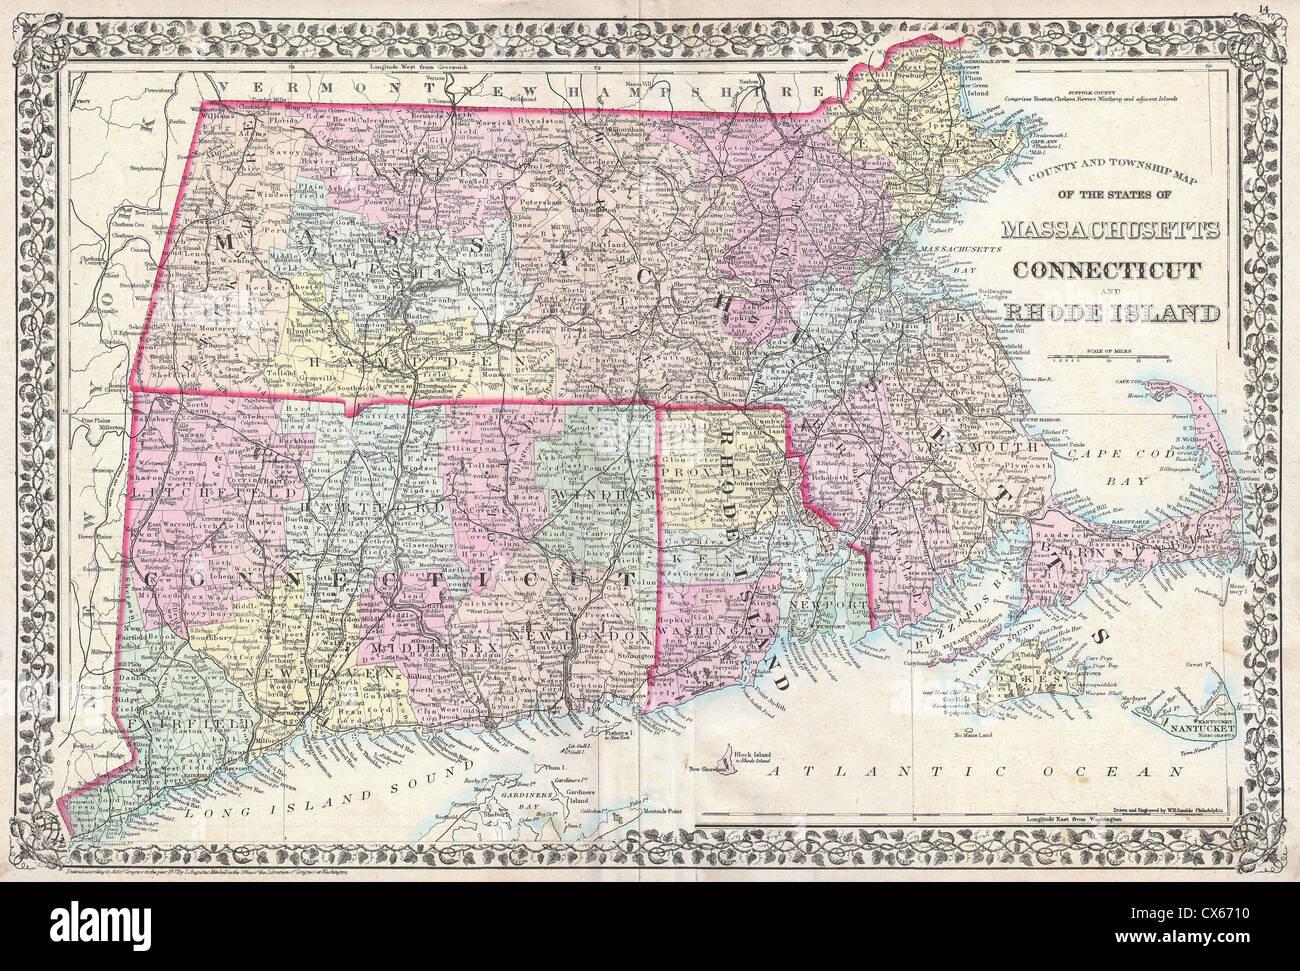 Map Map Massachusetts Connecticut Rhode Stock Photos & Map Map ...